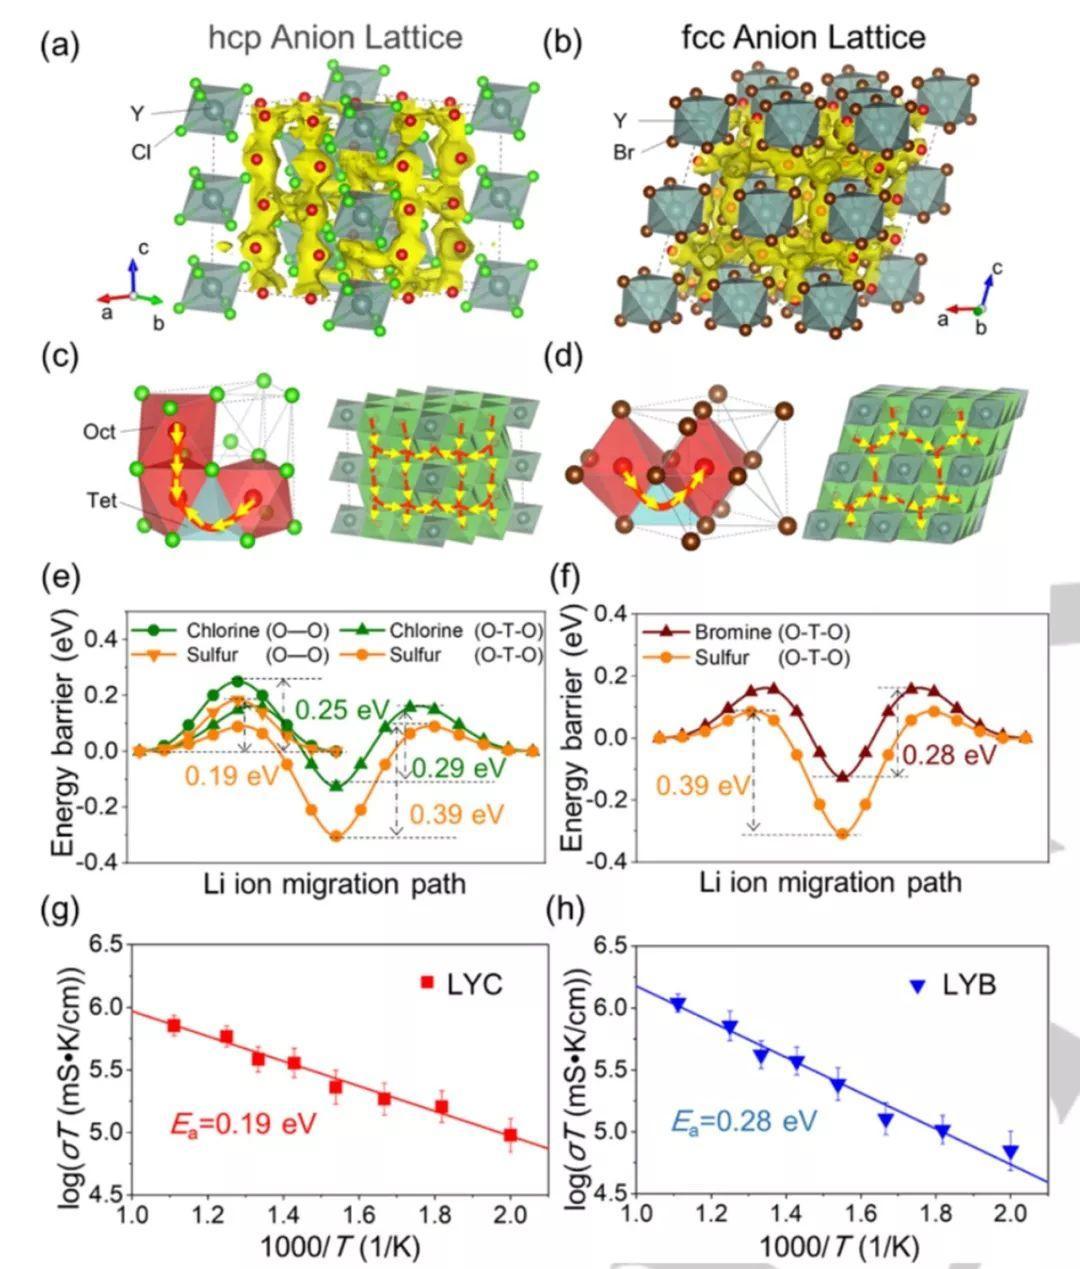 北大&马里兰大学Angew:氯化物和溴化物超离子导体助力高性能固态锂电池